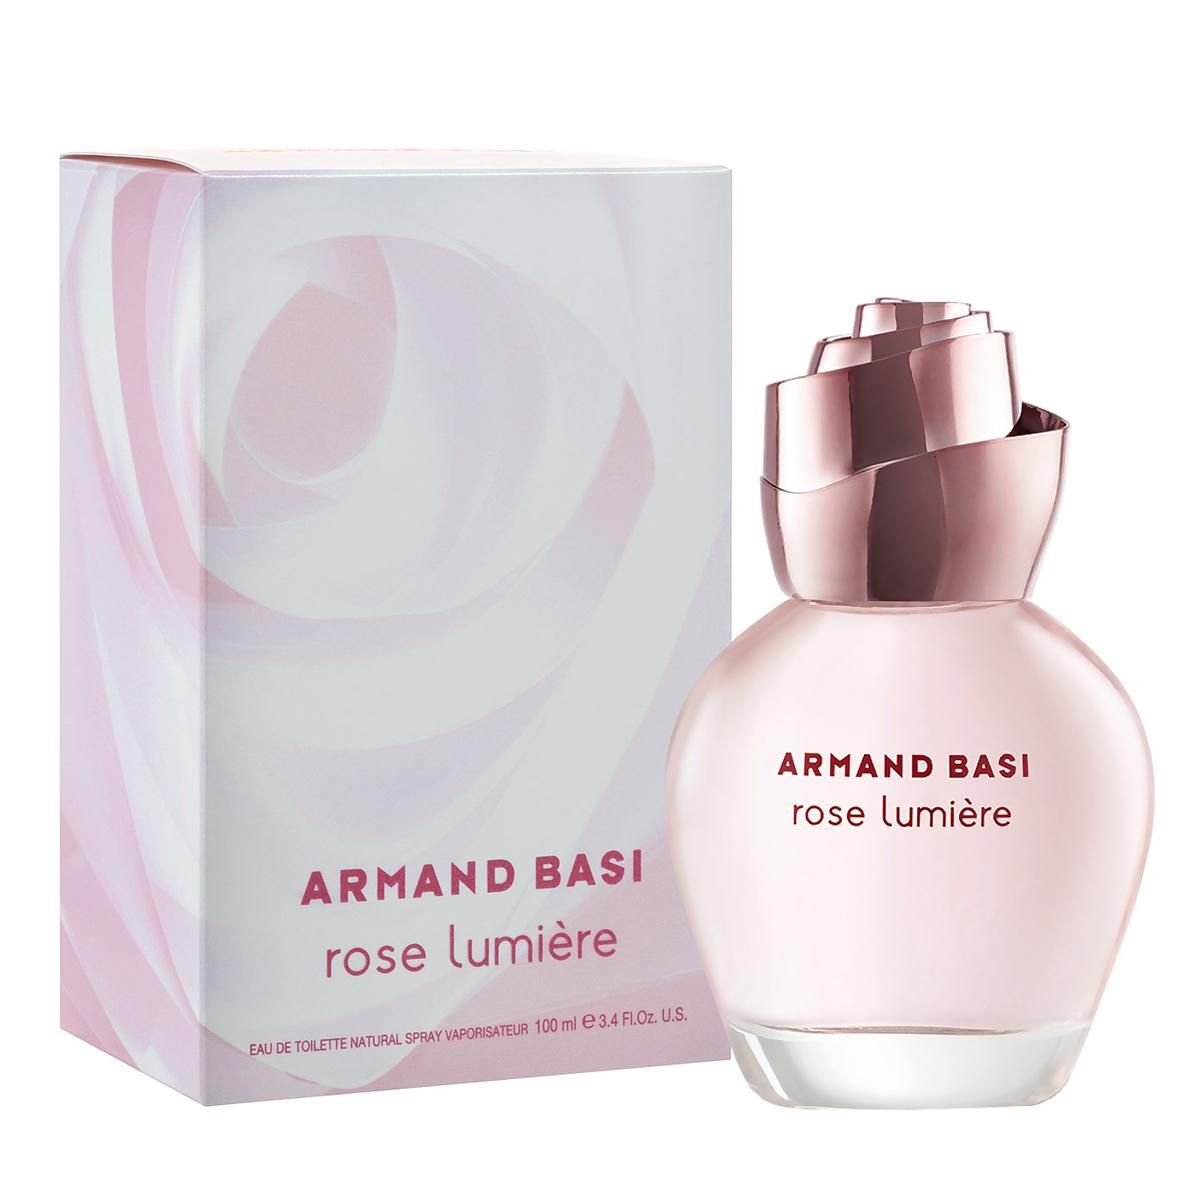 Armand Basi Туалетная вода Rose Lumier, женская, 100 мл957127Следуя успешному запуску аромата Rose Glacee, мы приветствуем новый розовый аромат от Armand Basi. Он называется Rose Lumiere и предназначен для совершенно очаровательной и скромной девушки, которая озаряет своим сиянием все вокруг. Armand Basi Rose Glacee явился посвящением розе как сущности женственности, чему-то, что сохраняет свежесть, благодаря морозу, продлевающему жизнь на века, способному удержать самый прекрасный изумительный момент.Роза, такая женственная, такая нежная, в то же время многогранная и переменчивая, как и личность самой женщины. Она несет в себе множество нюансов, тайн и сложностей. Почему бы не углубиться в их изучение? Роза - это символ богатства, изобилия, чувственности, роскоши, но в то же время и хрупкости, нежности, света... Armand Basi Rose Lumiere - аромат для женщины, наслаждающейся своей молодостью, элегантностью и природной красотой, ибо каждая женщина молода и красива, и имеет свой особый шарм, поражающий Вас в самое сердце своей искренностью и полным отсутствием тщеславия. Она настоящая, нежная, спокойная, непостижимо глубокая, а красота ее доступна, дружелюбна и сочувственна. Как и секрет таинственной розы, она хранит ключ к своей чудесной женственности внутри себя. Она и есть воплощение Rose Lumiere. Этот аромат словно капля света, будто кадр из жизни самой скромной из женщин, секрет соблазна которой лежит именно в ее скромности. Armand Basi Rose Lumiere - это творение французского парфюмера Элеонор Массенет (Alienor Massenet), принадлежащее к водным, цветочным и фруктовым семействам ароматов. Скромный и элегантный, аромат добавляет искру света в концепцию женственности. Это доступный аромат, нежный и светлый, в сердце которого заключена таинственная сложность женщины: чувственной, красивой и доброй. Такая концепция дает аромату бриллиантовый магический свет, который, как и женщина, которой он посвящен, озаряет все вокруг. Классификация аромата: цветочный, фруктовый, в